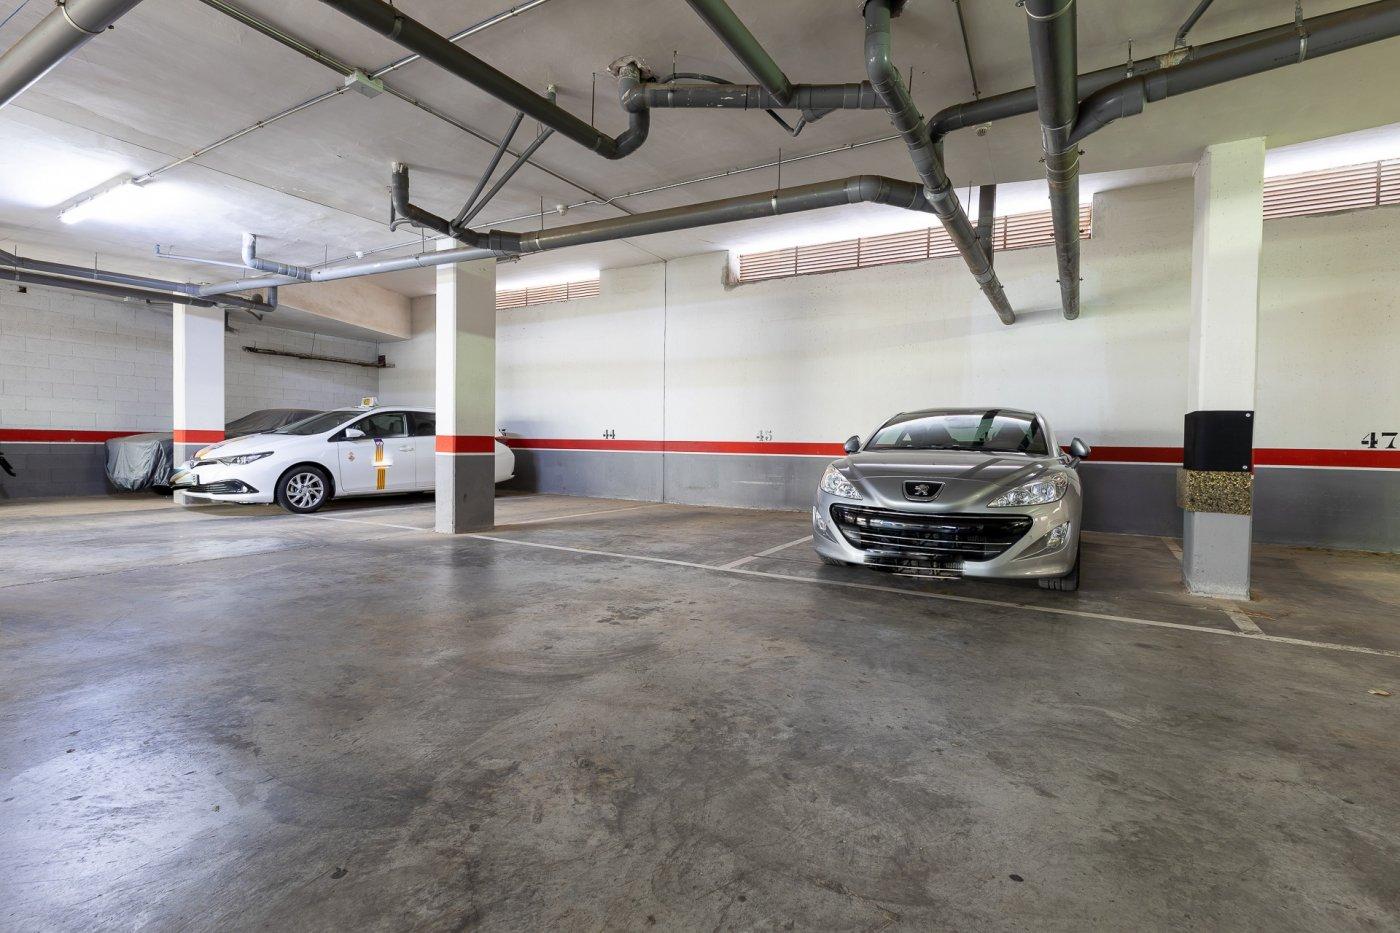 Piso con parking y trastero en son rullán - imagenInmueble26